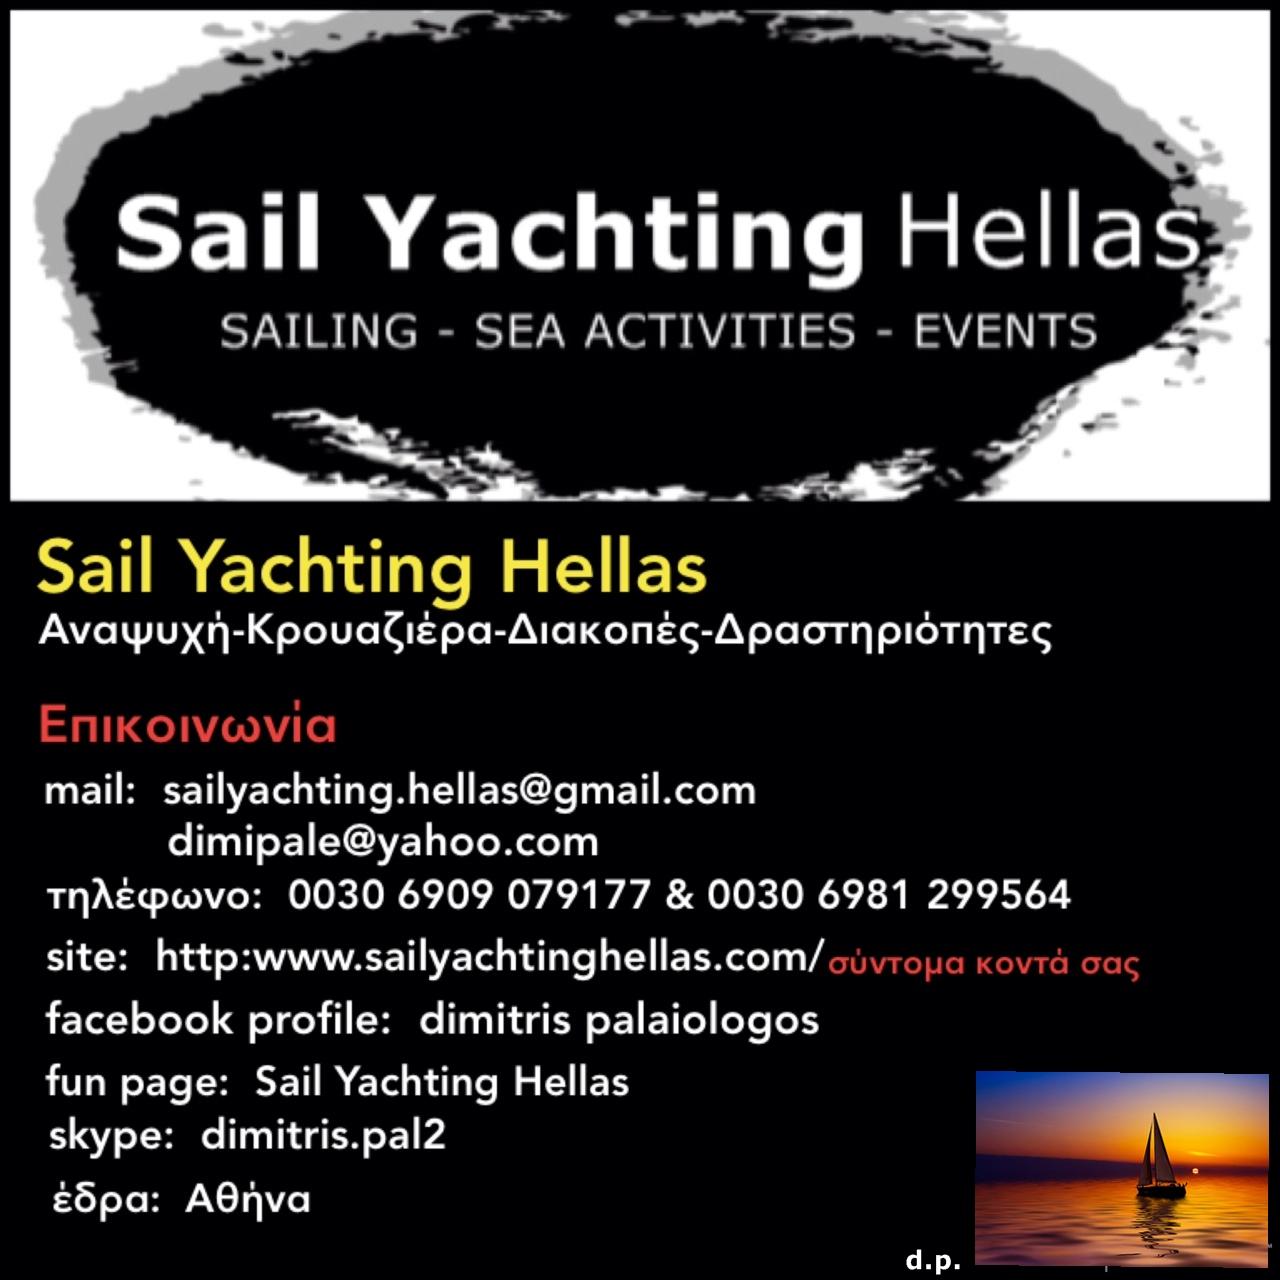 Sail Yachting Hellas